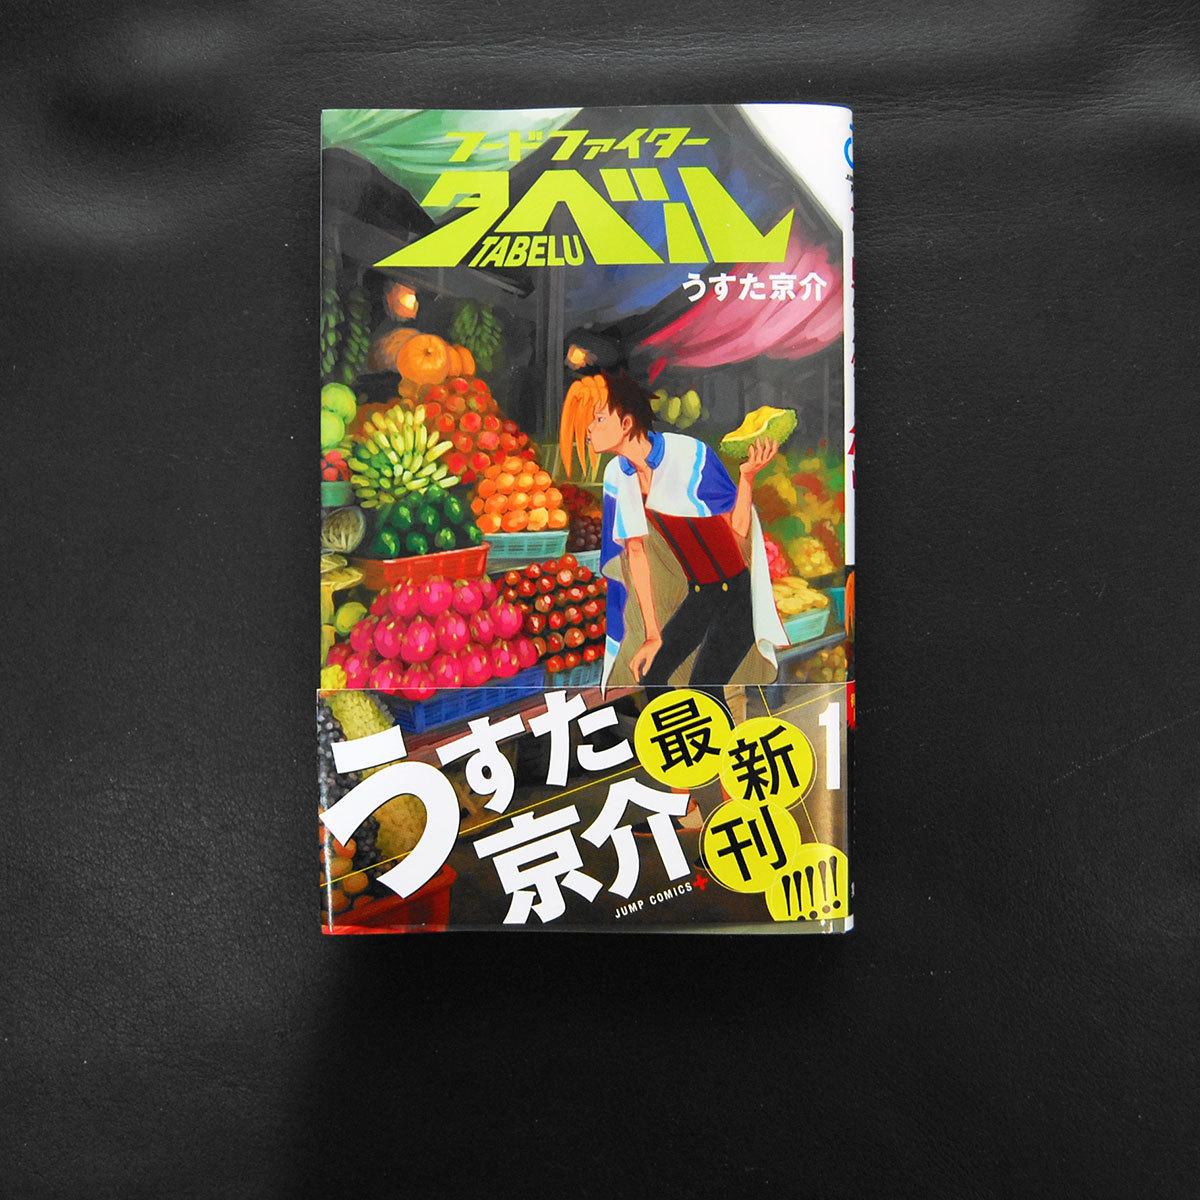 ◆フードファイタータベル 1巻 うすた京介 単巻 ジャンプコミックス コミック 漫画 初版 帯付き 美品_画像2